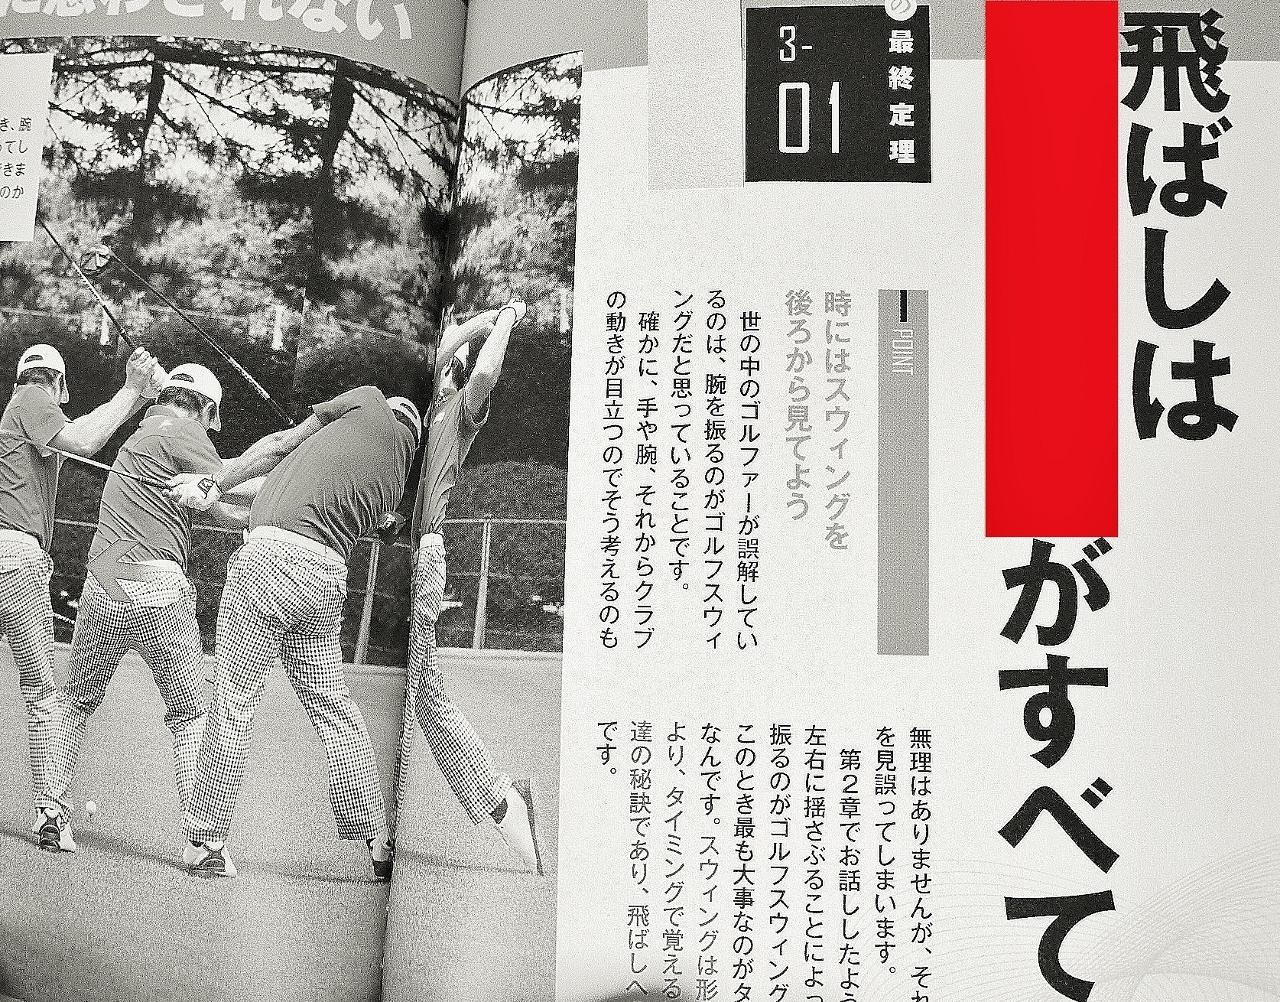 吉田一尊プロ「飛ばしとは」